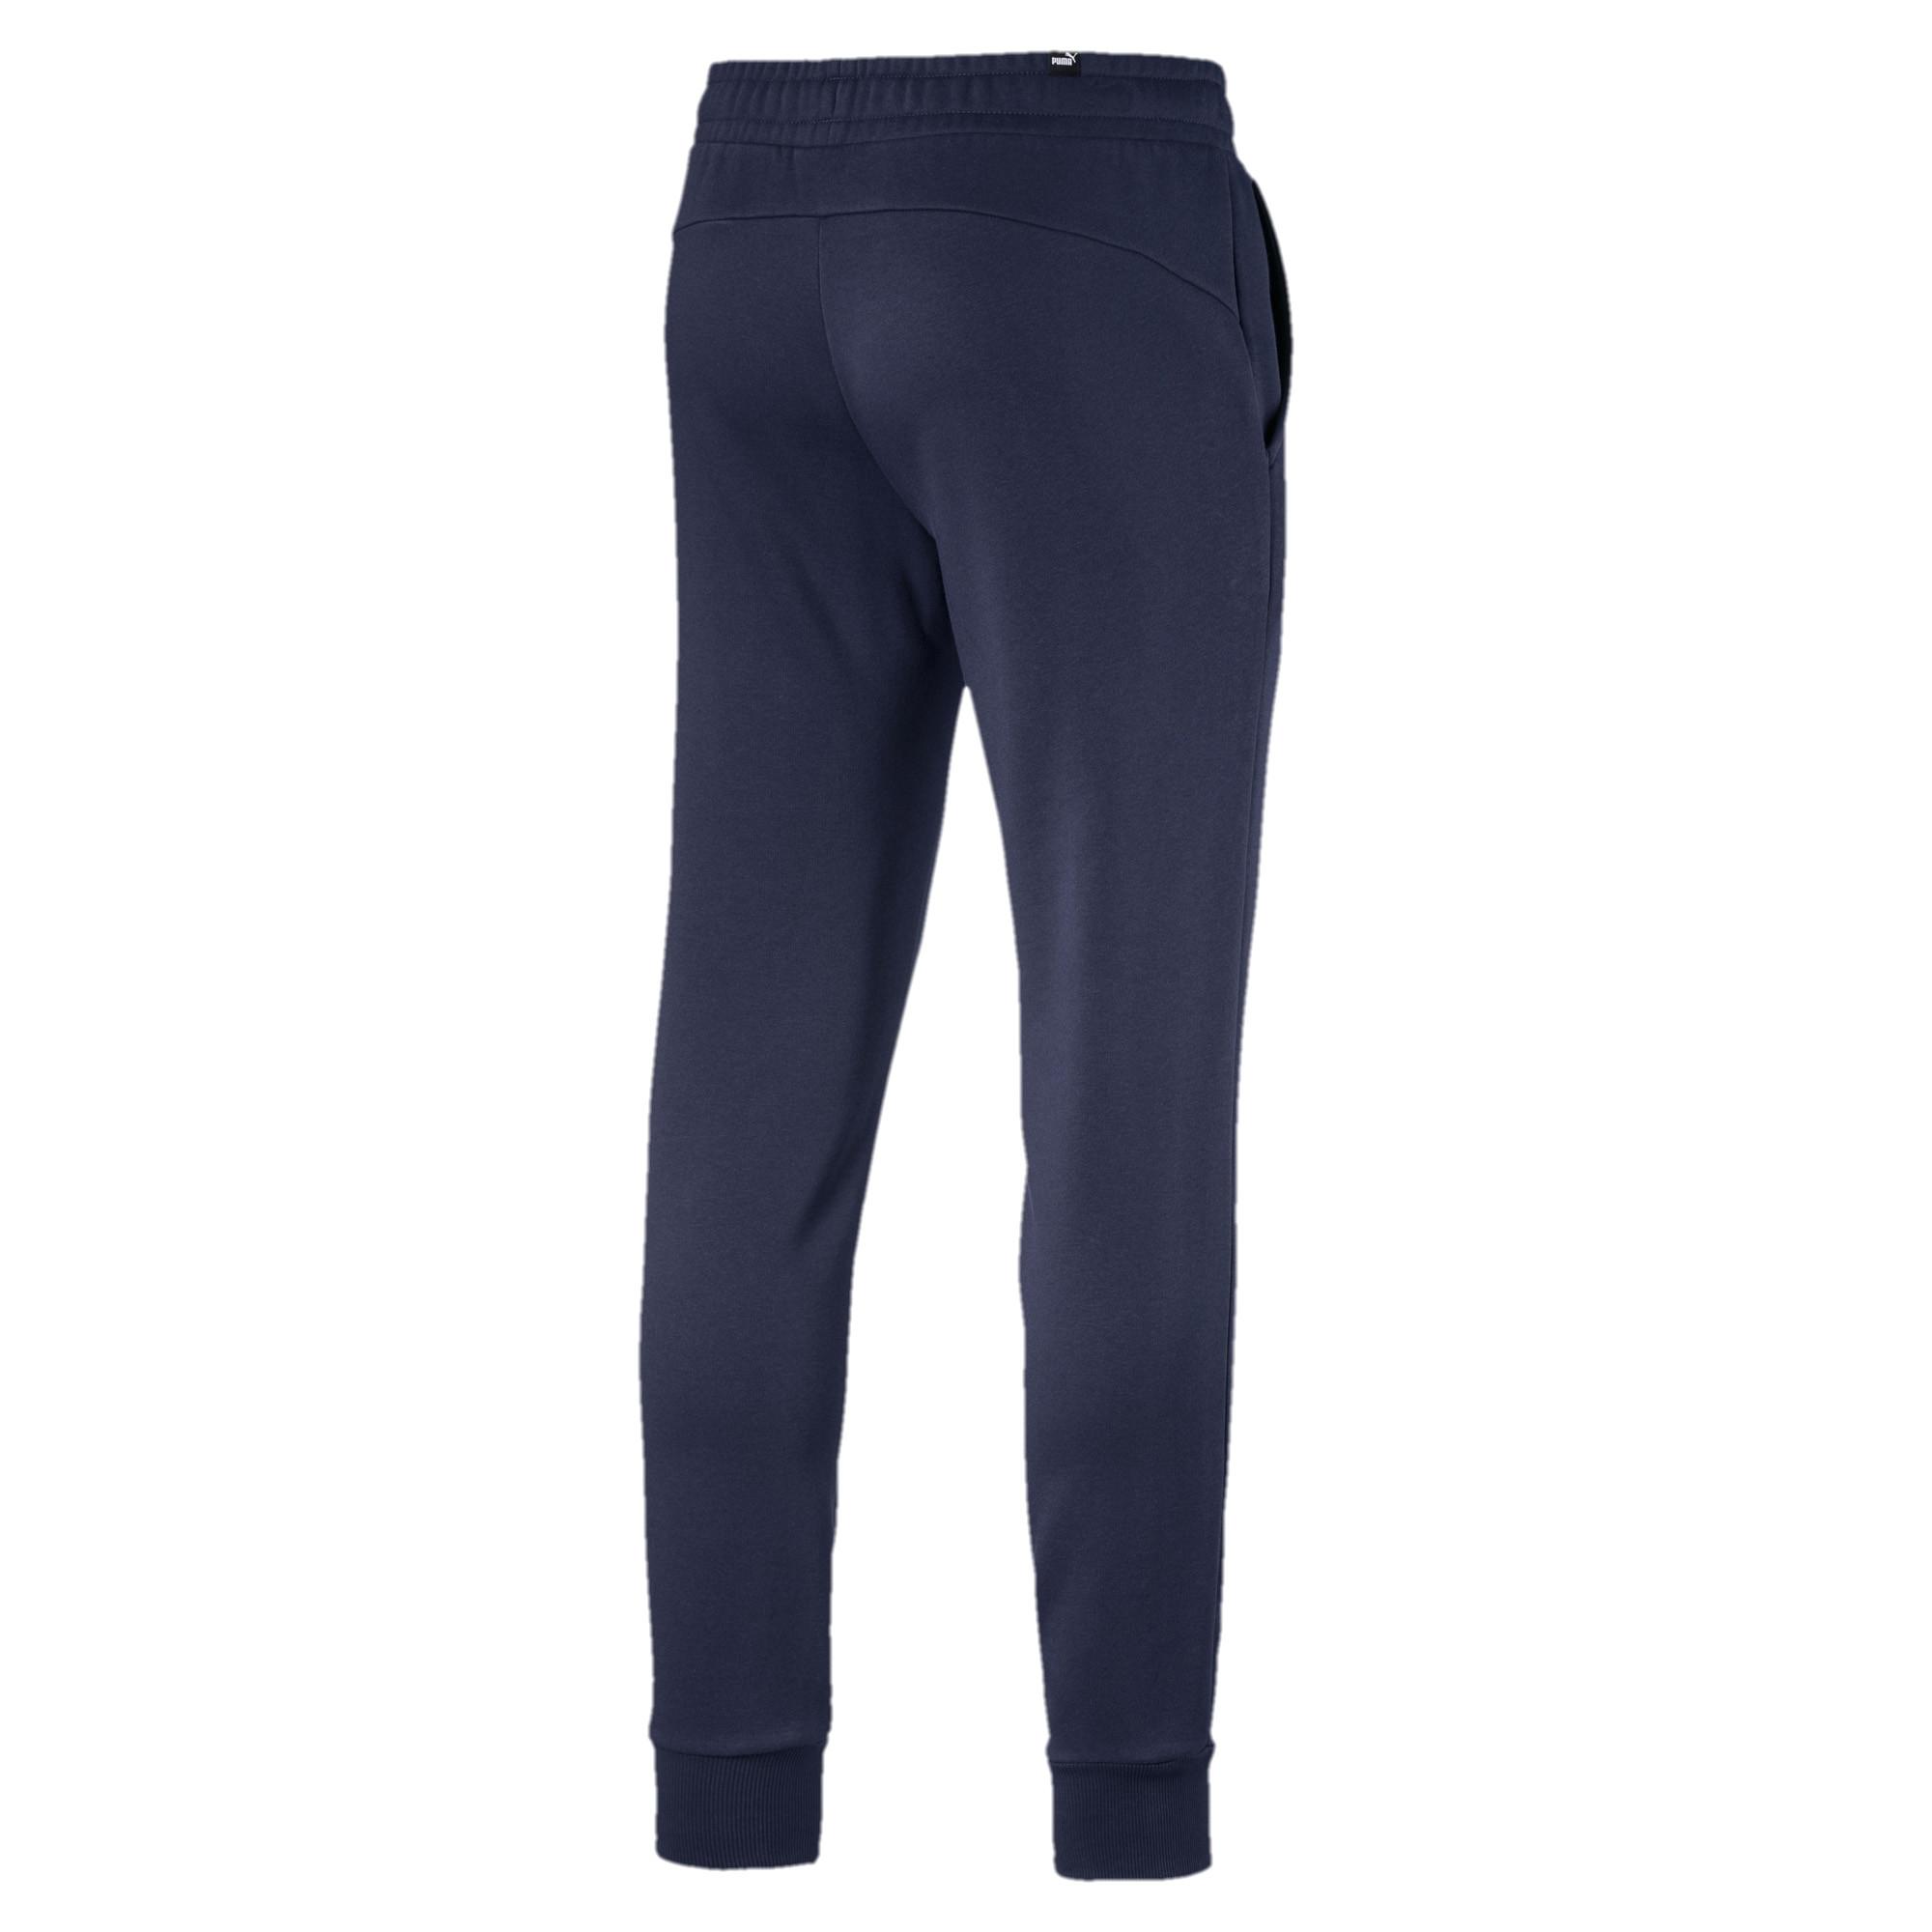 Puma-Essentials-Men-039-s-852428-Slim-Fit-Fleece-Knit-Jogger-Pants thumbnail 5